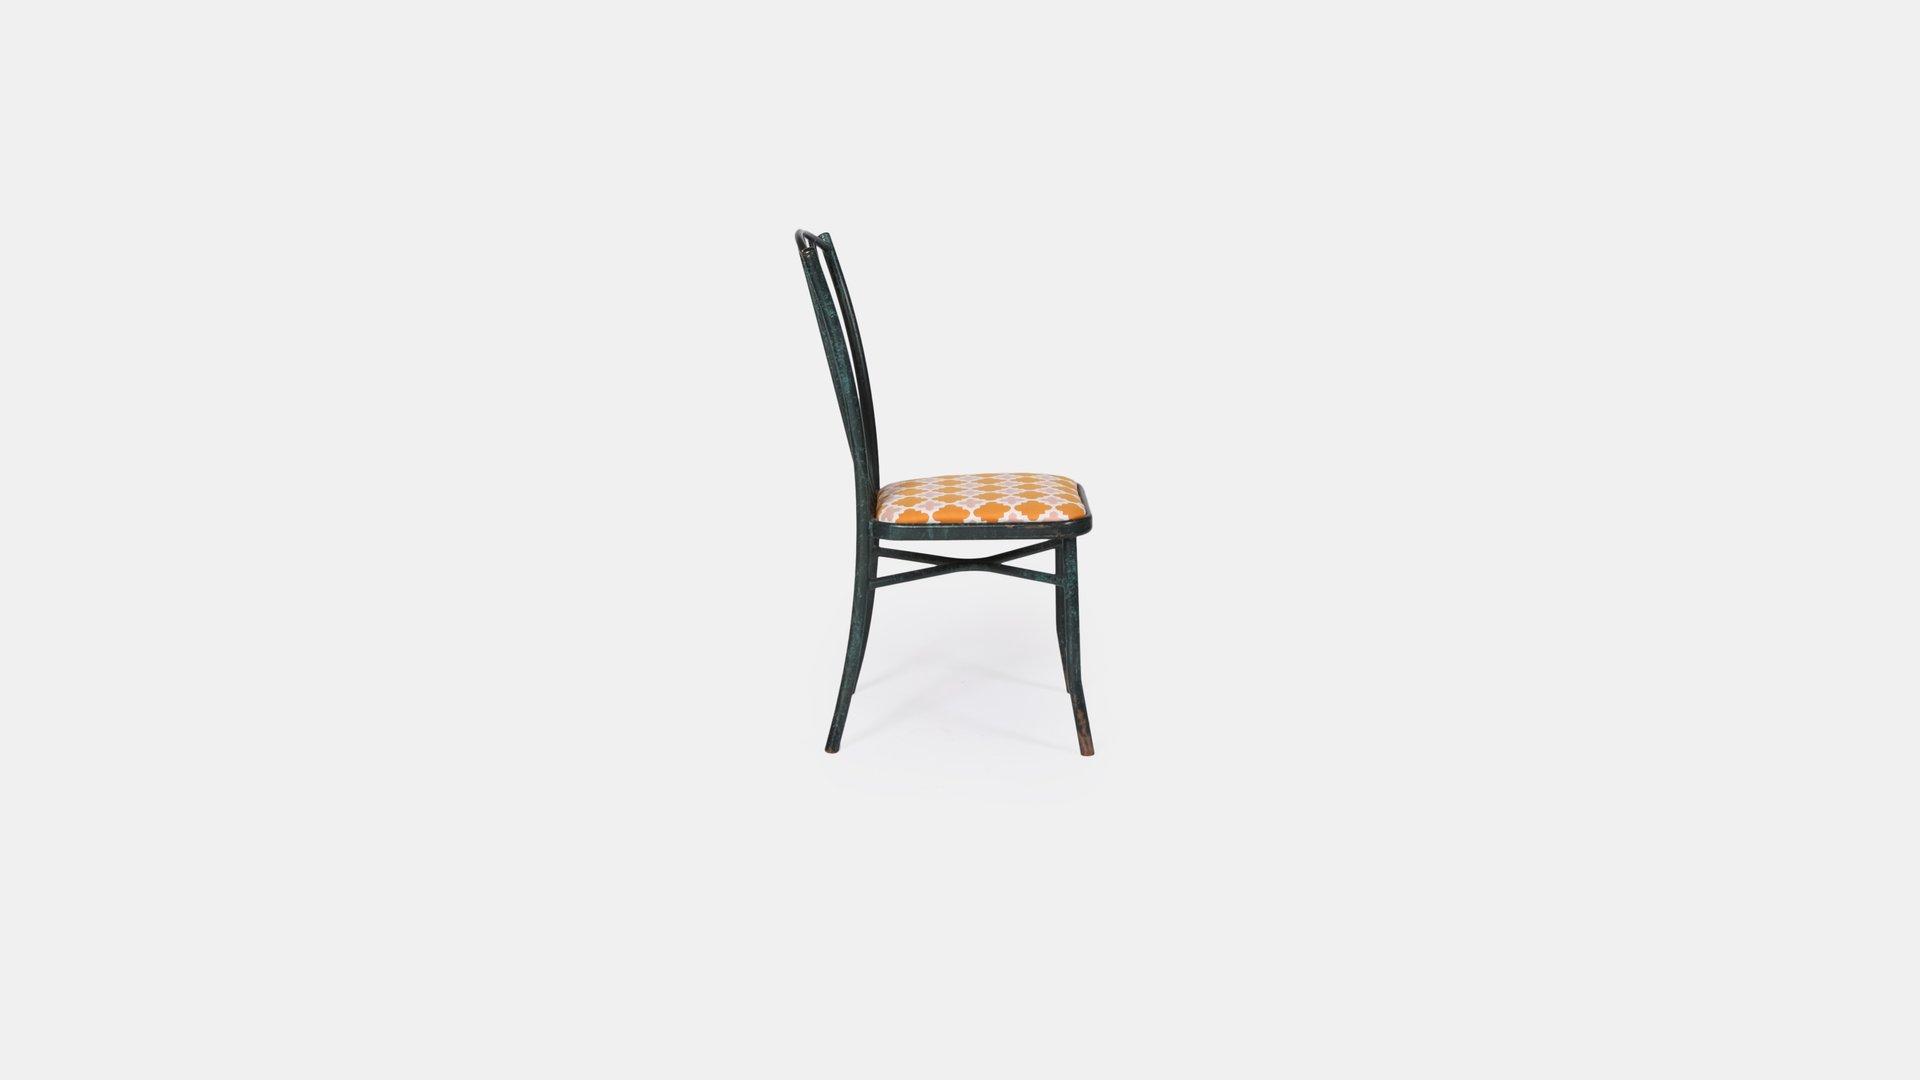 Sedie In Metallo Vintage : Sedie vintage metallo virginia sedia metallo vintage sedie